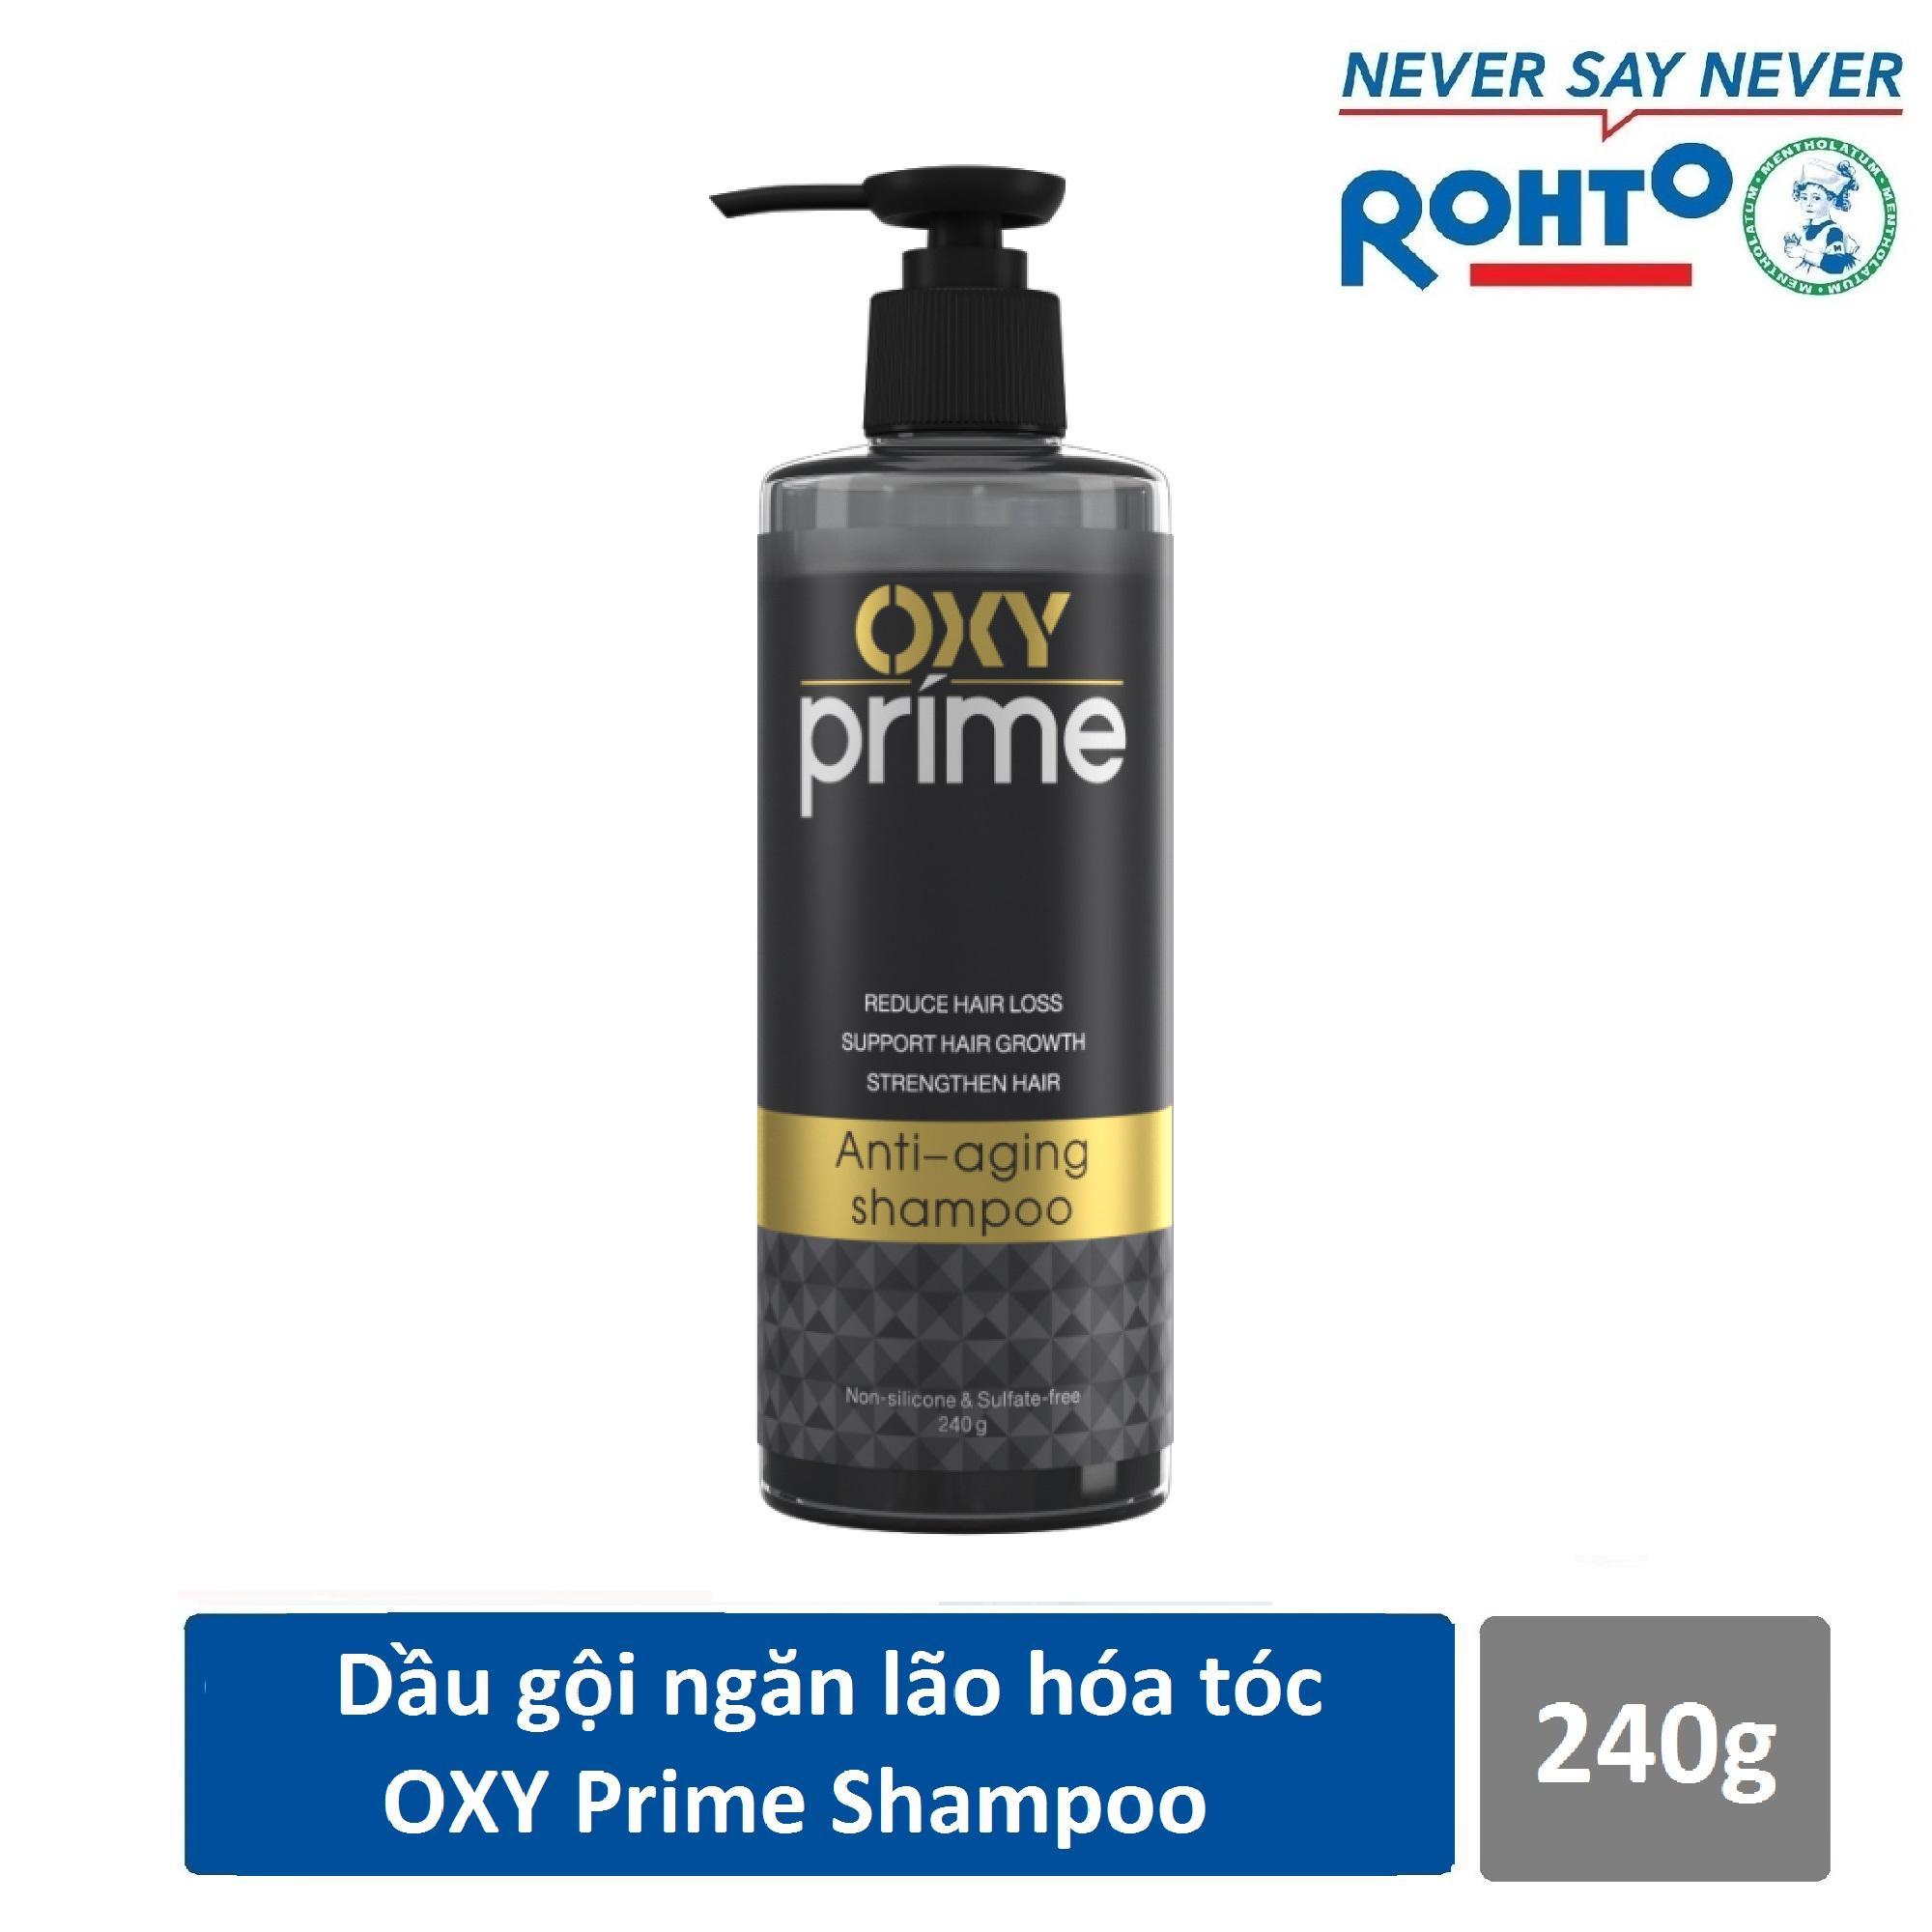 Dầu gội ngăn lão hóa tóc Oxy Prime 240g chính hãng